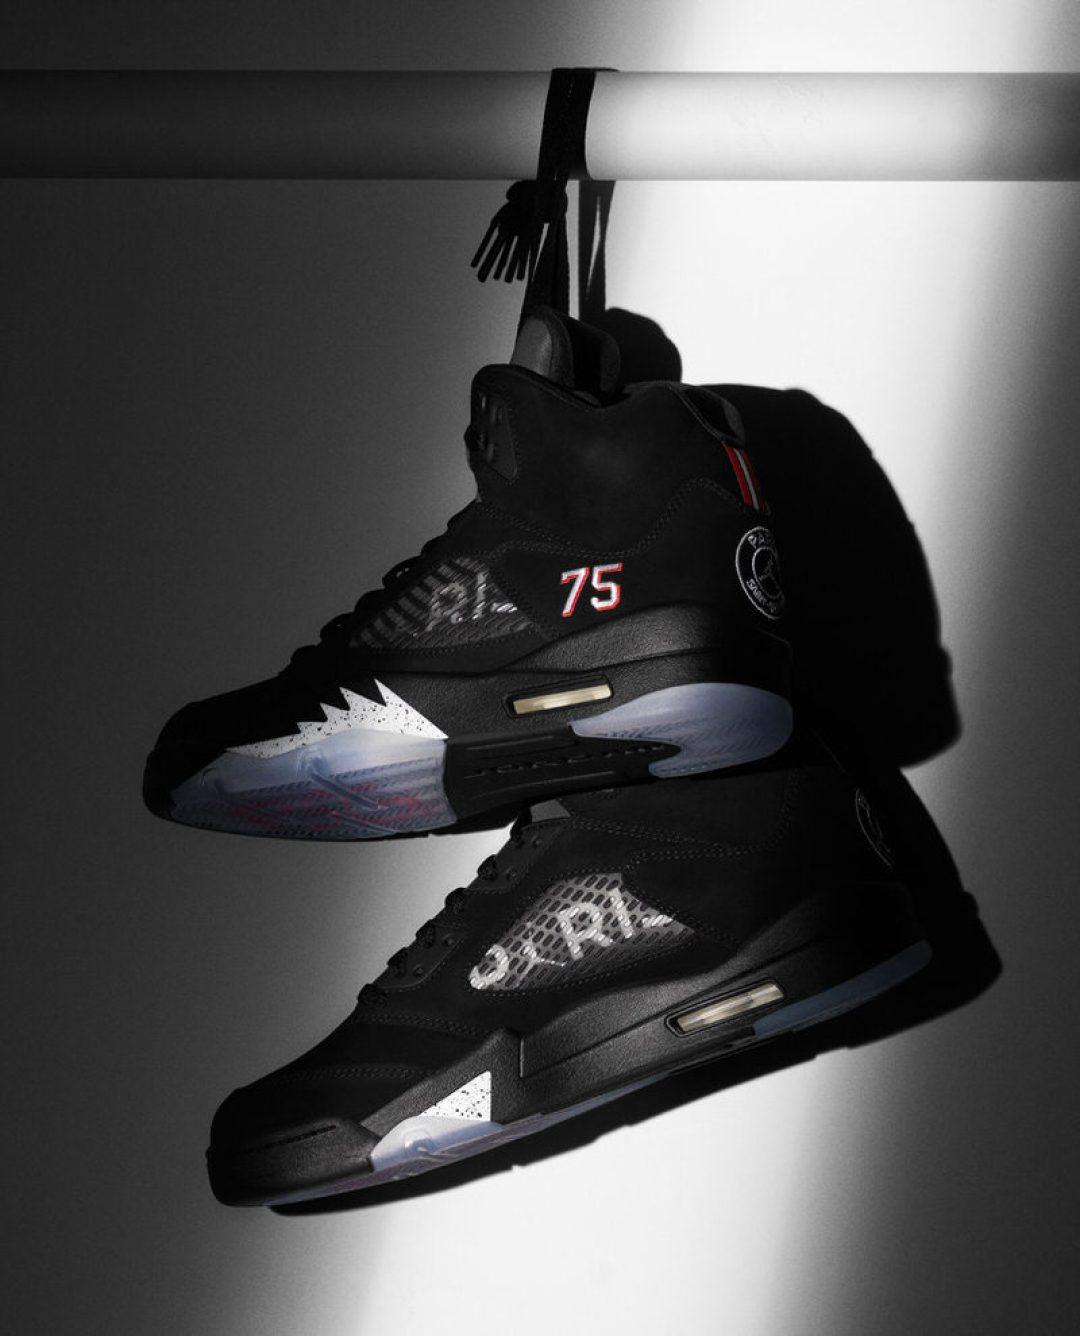 2c105ab1b7cc Air Jordan 5